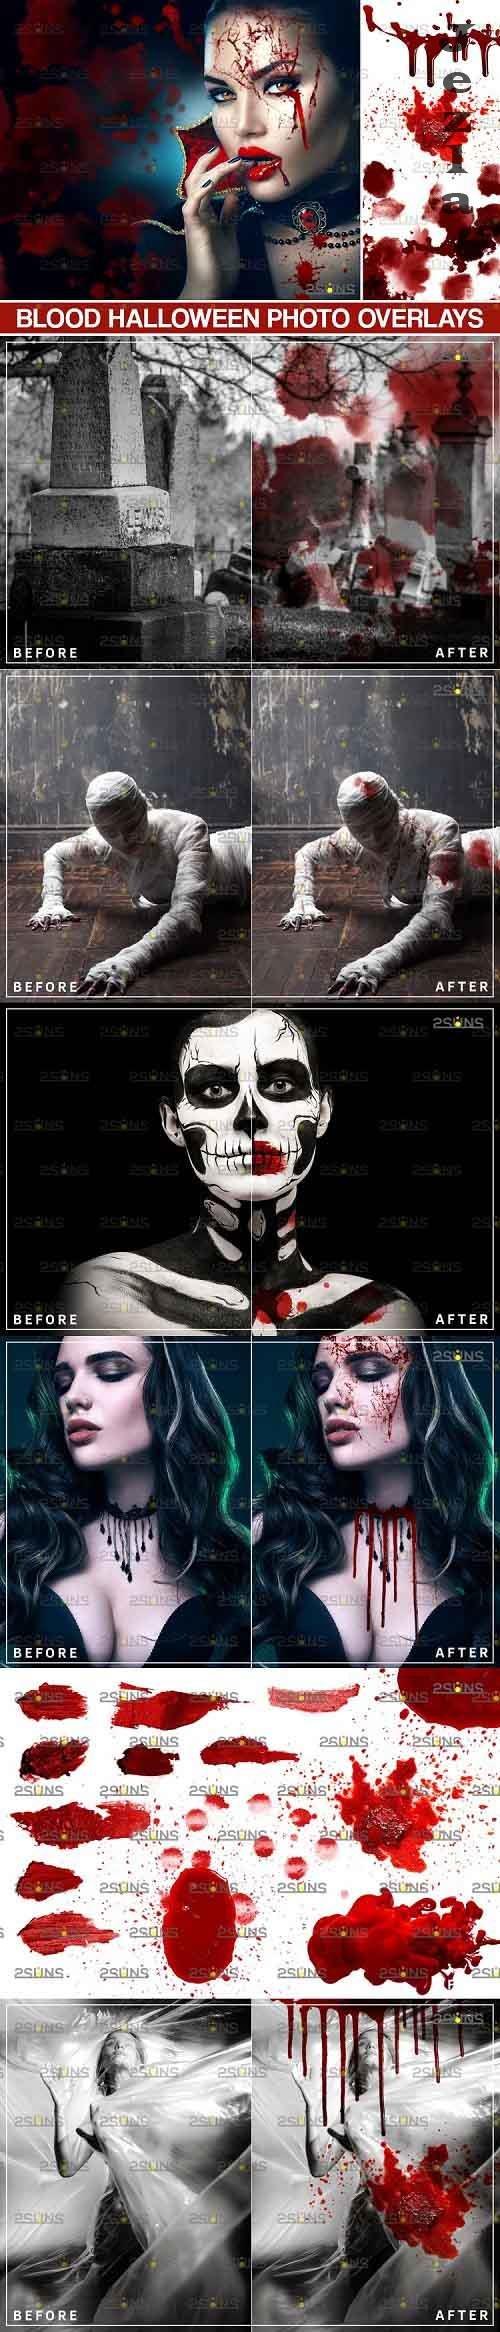 Blood Photo Overlay, Halloween overlay, blood splatter  - 719311